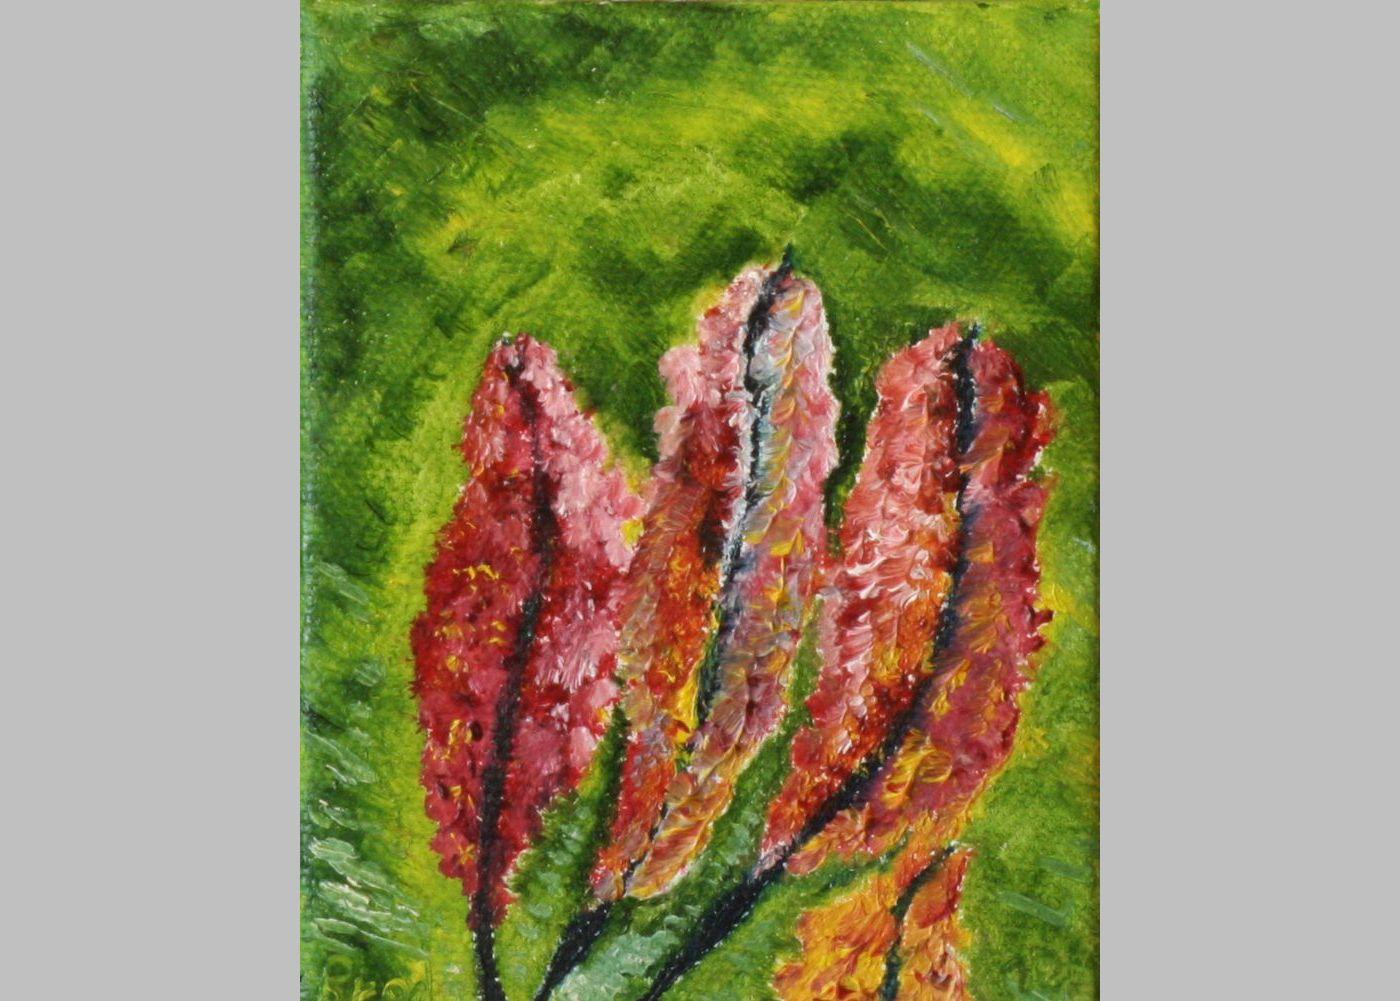 Kleines Blumenarrangement (1, 2009, 7,5 x 10 cm)